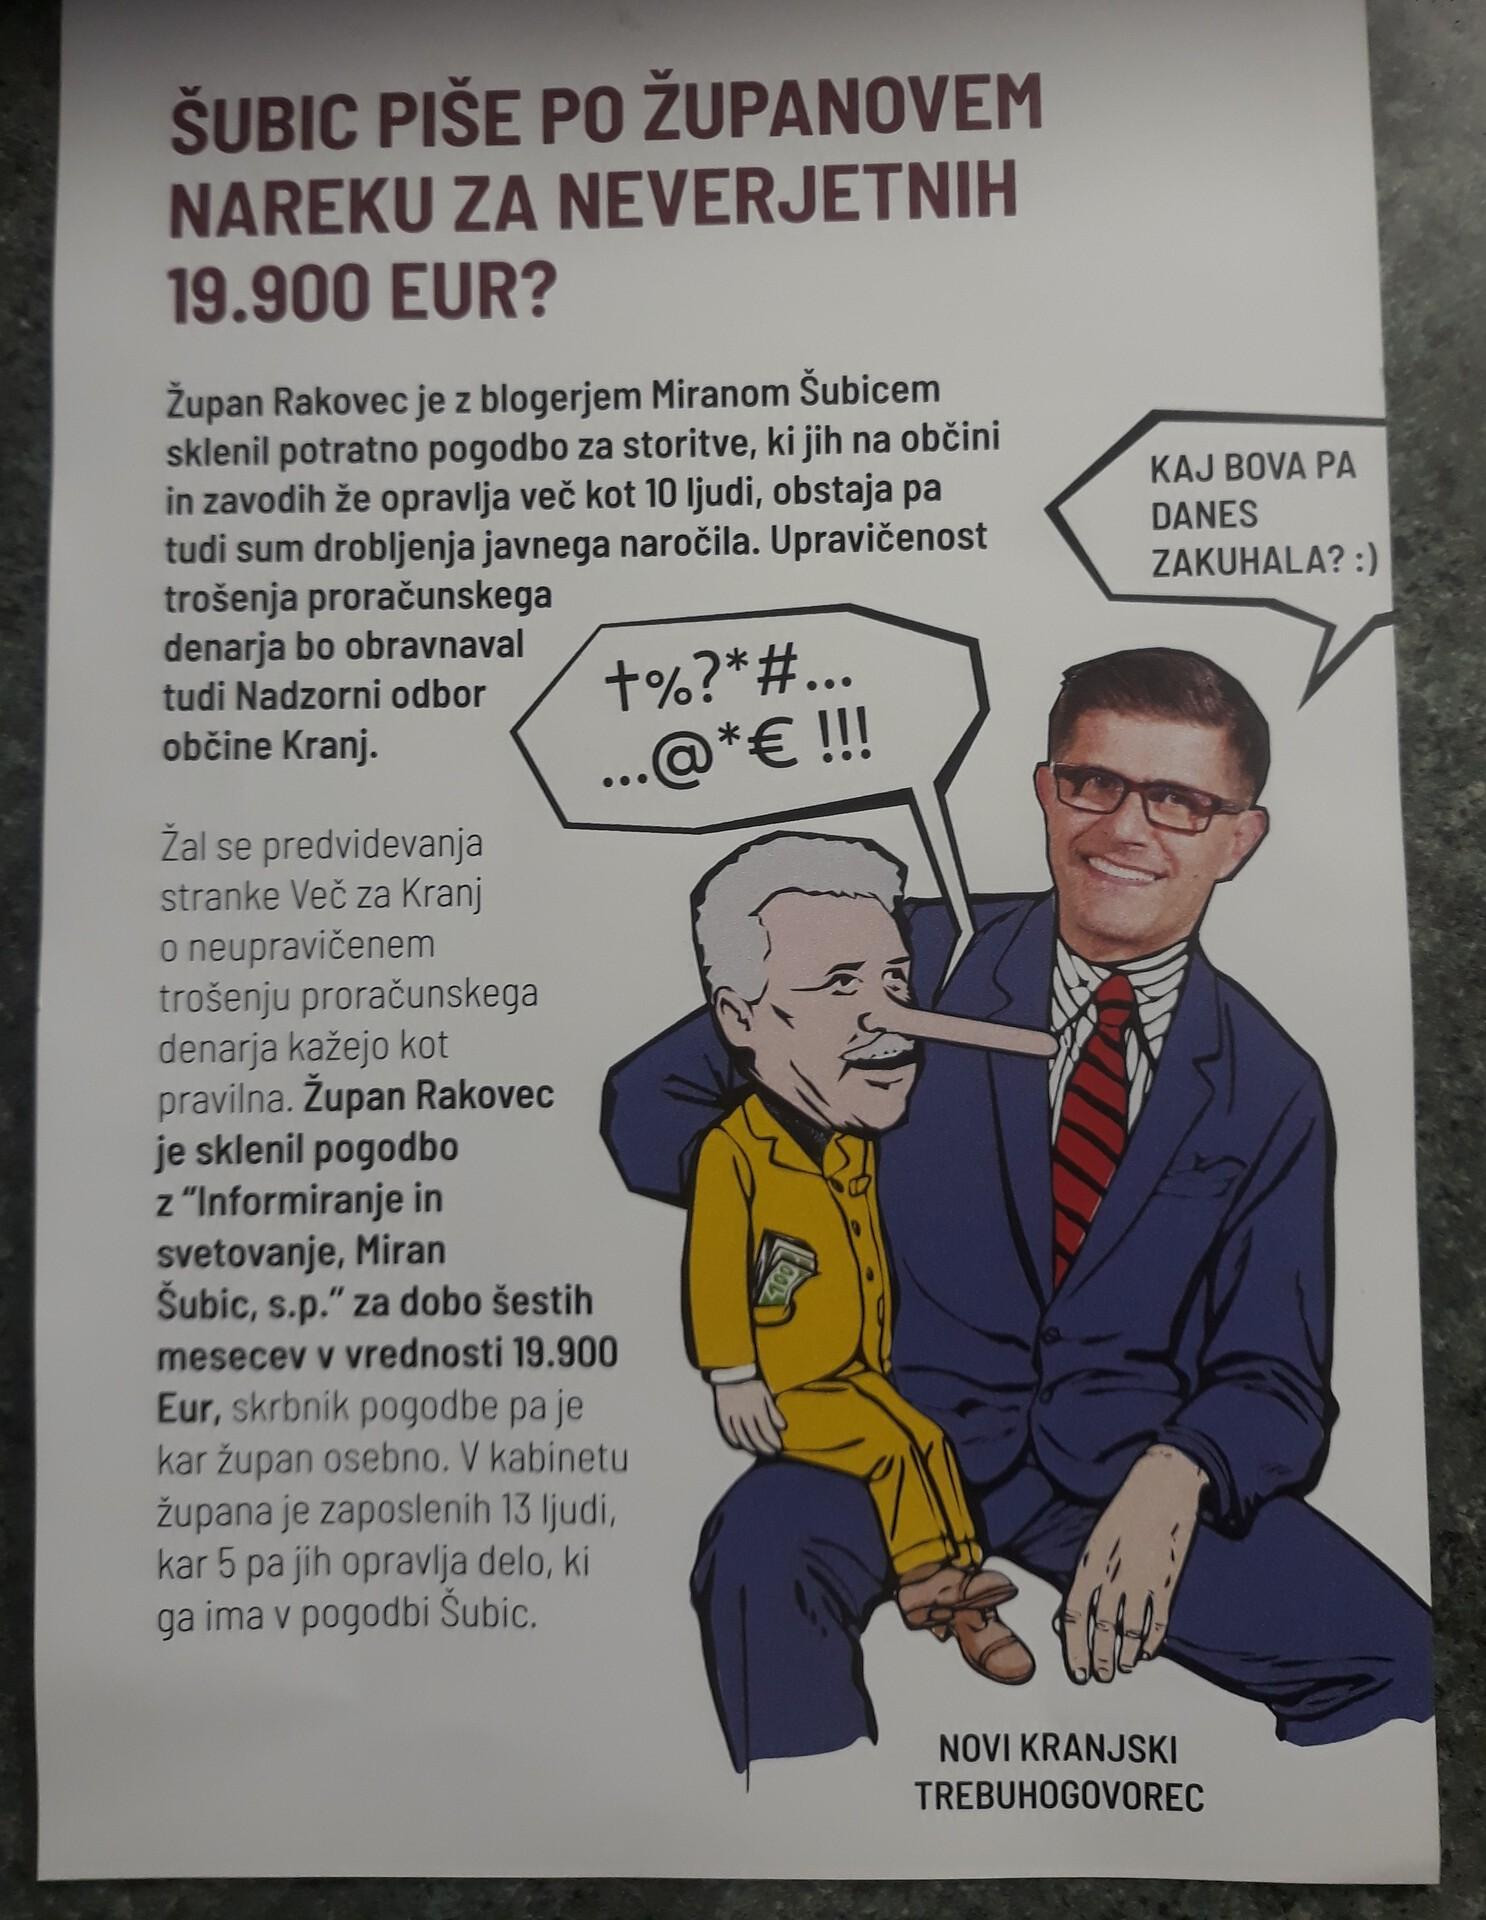 """24 jurjev za strankarskega veljaka Romana: evropski prijemi bivše evroposlanke in izbbranke naše kranjske političarke so že vidni - na ministrstvu je bil s svetovalno pogodbo """"obdarjen"""" Roman Jakič, predsednik sveta SAB"""